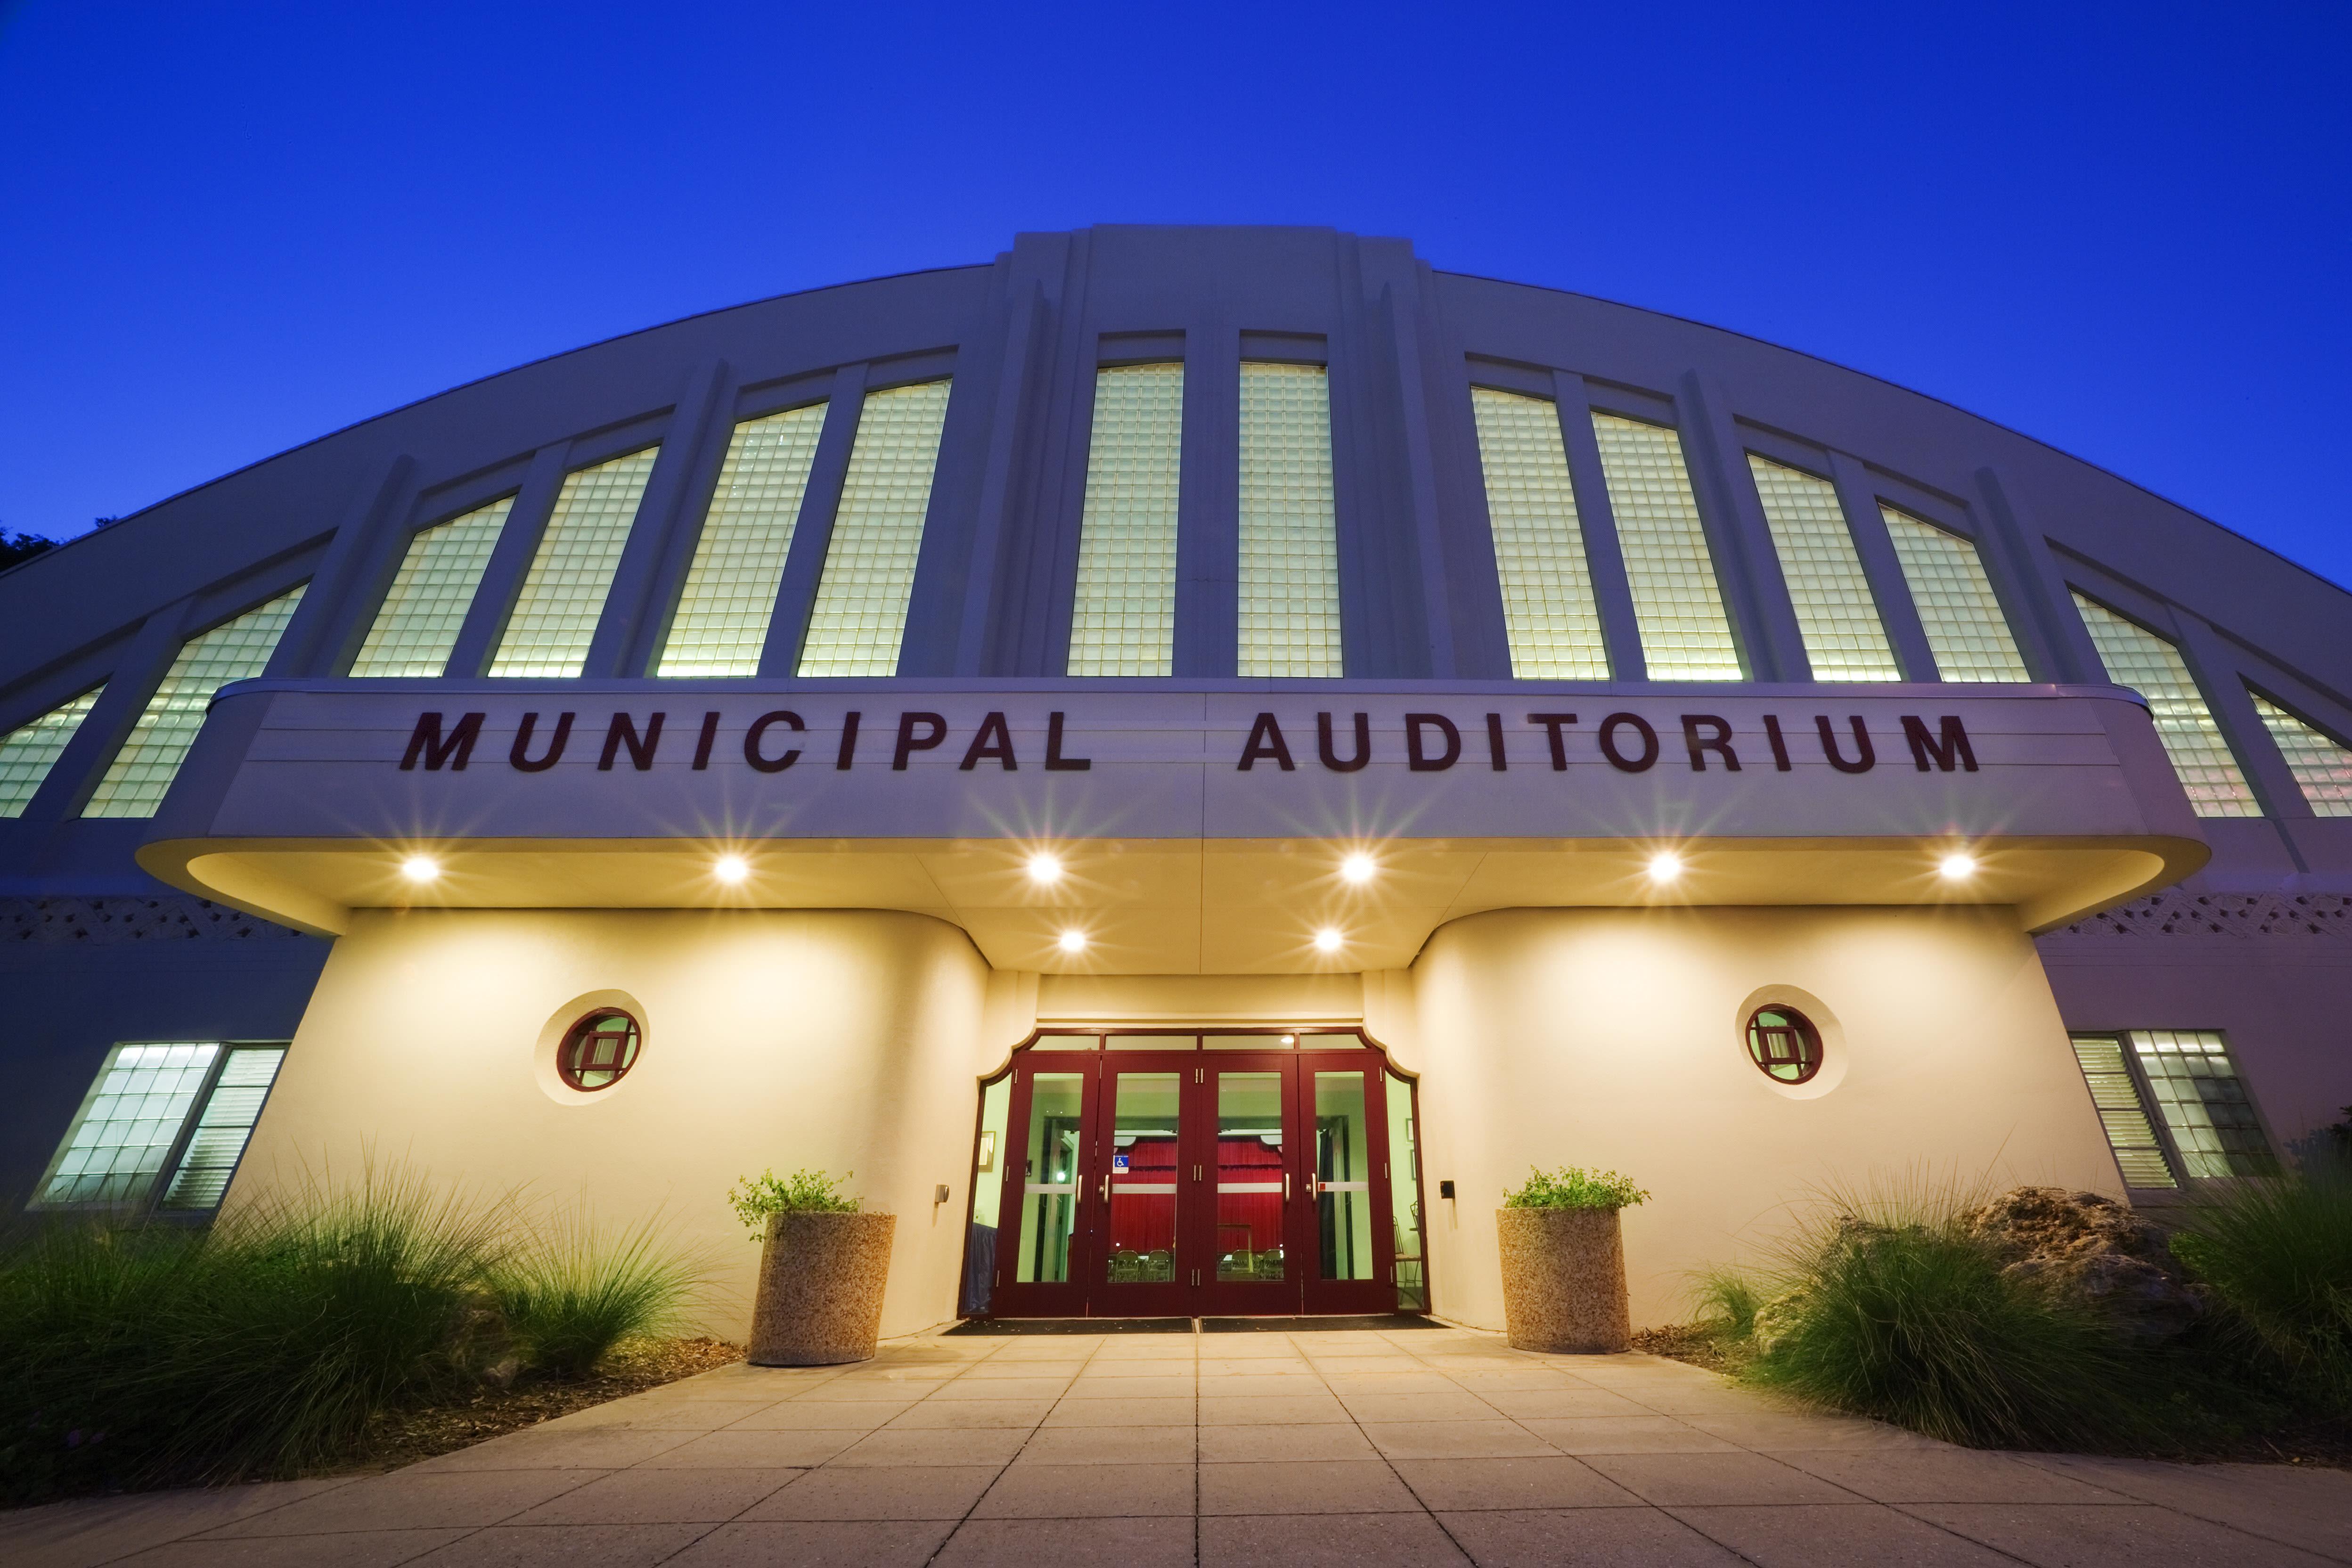 Municipal auditorium n5ftgb